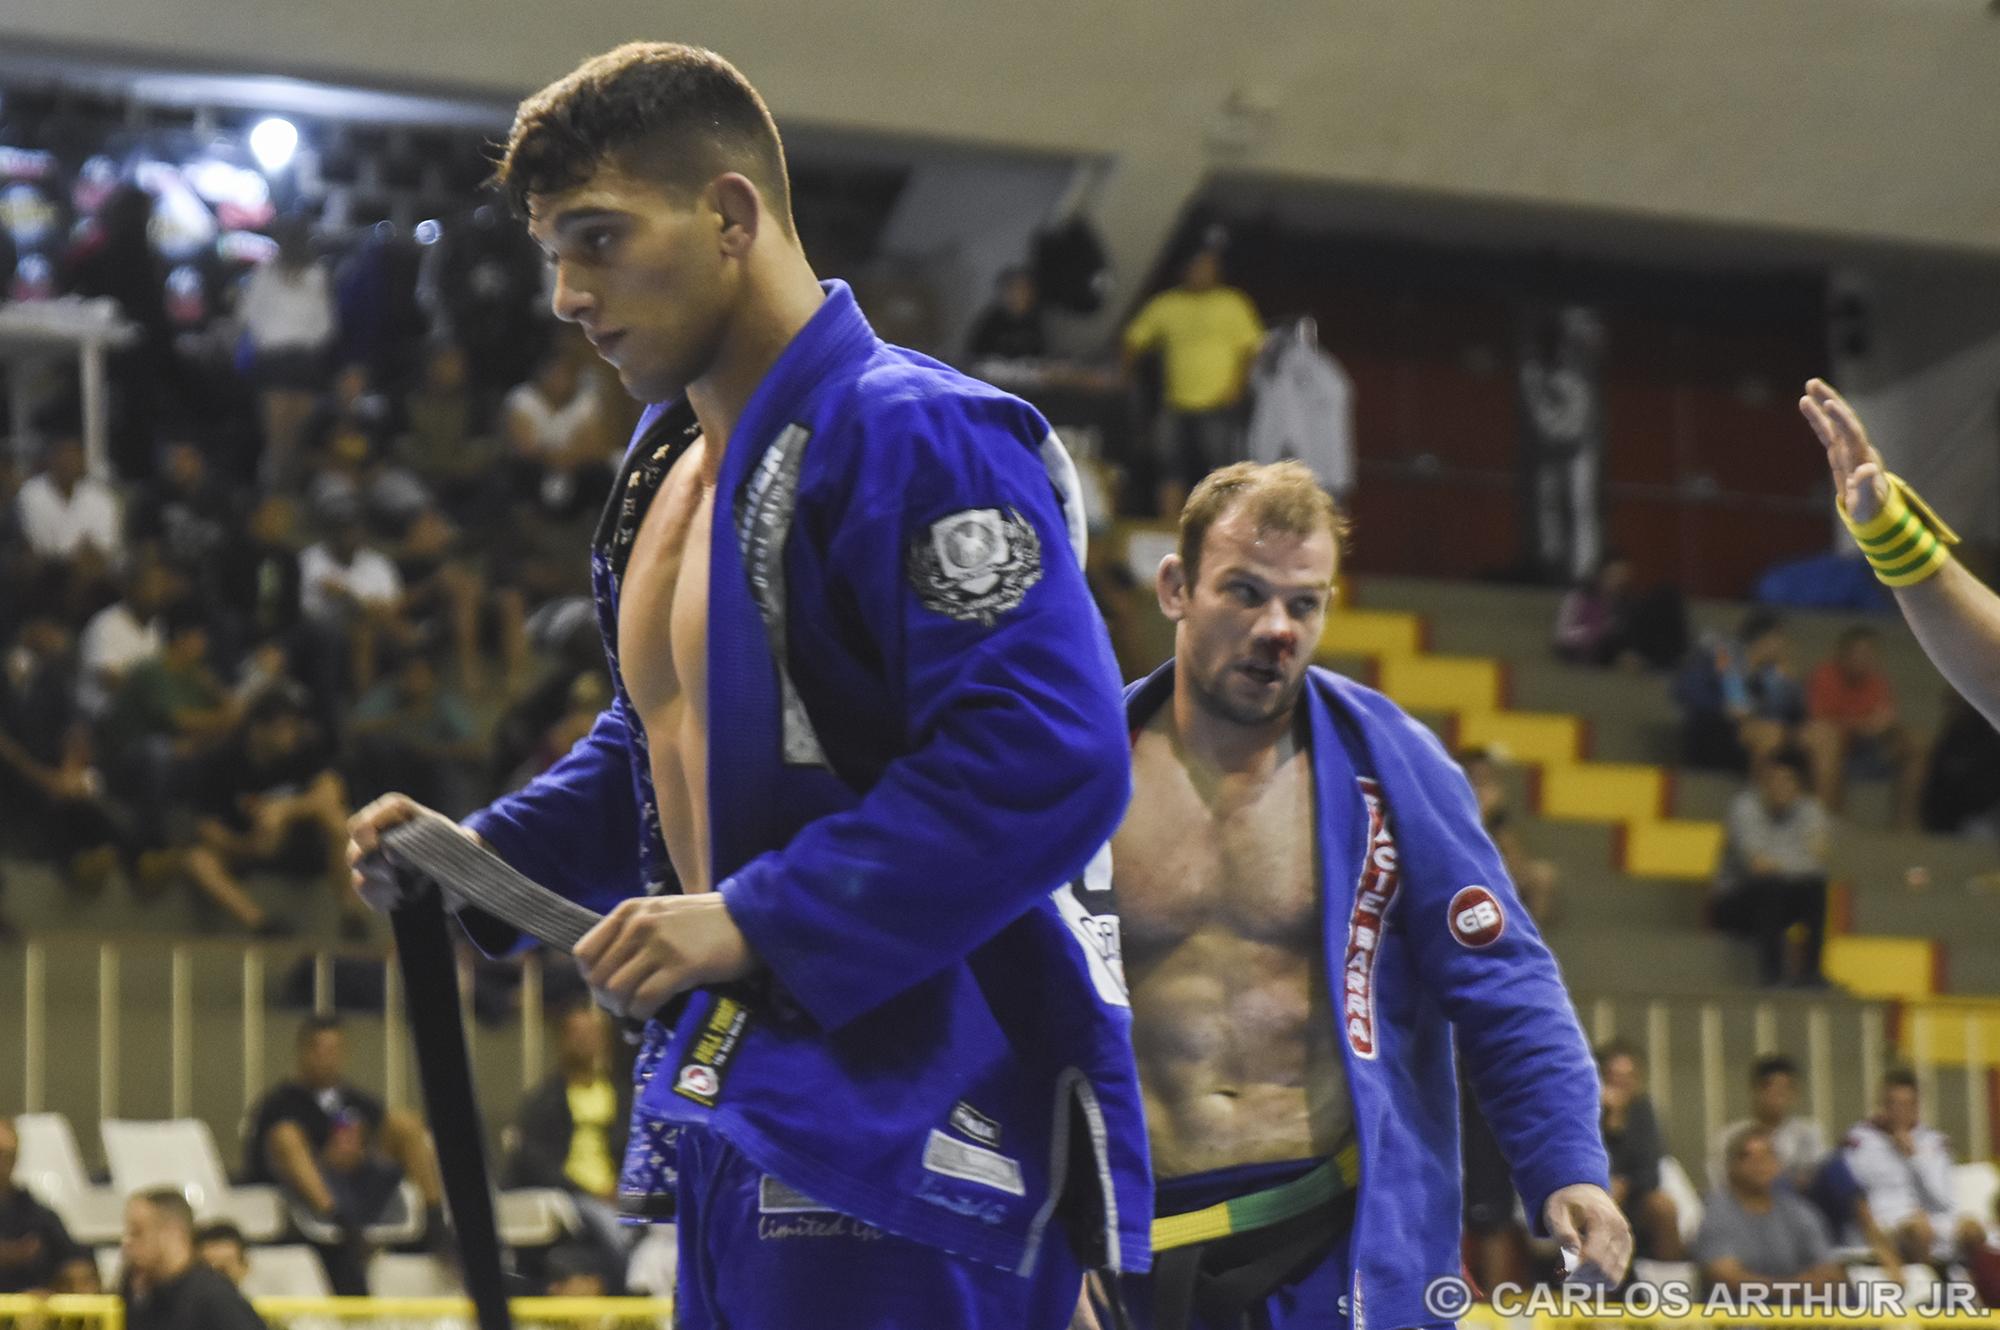 Após um duelo movimentado, e um choque de cabeças entre os competidores, Patrick Gáudio conseguiu a vitória nos pontos sobre o veterano Rodrigo Pimpolho pelo título dos meio-pesados.